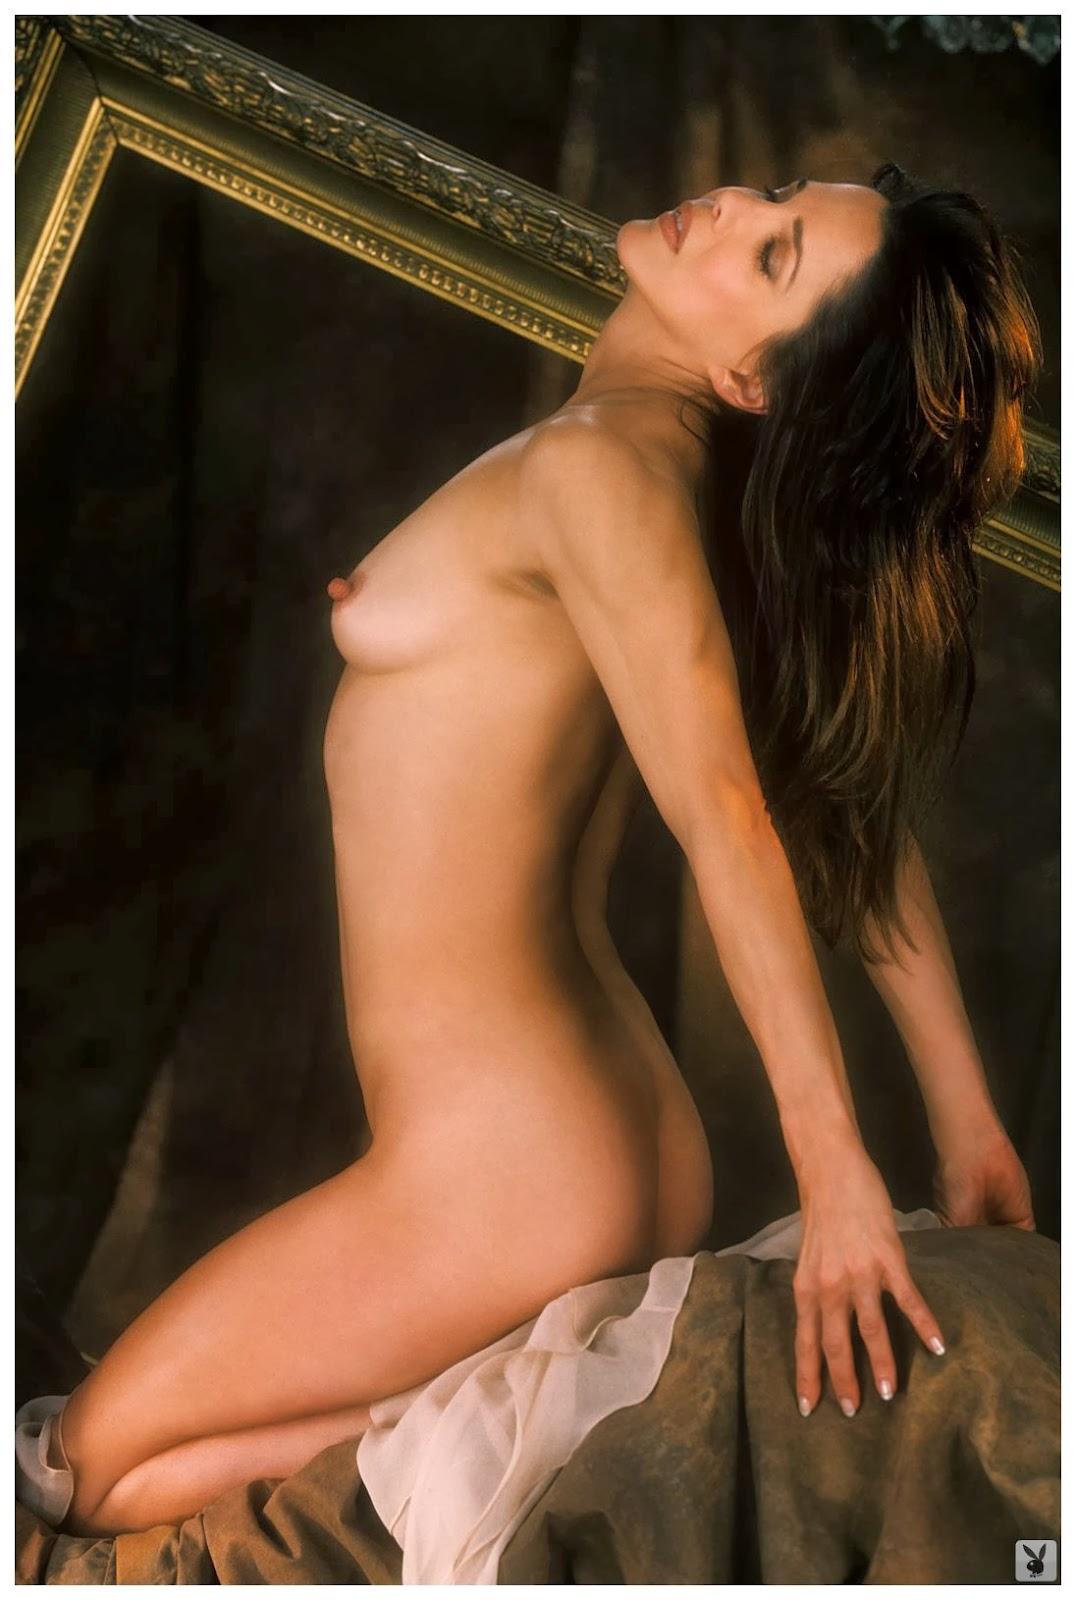 Nude photos of patti davis reagan